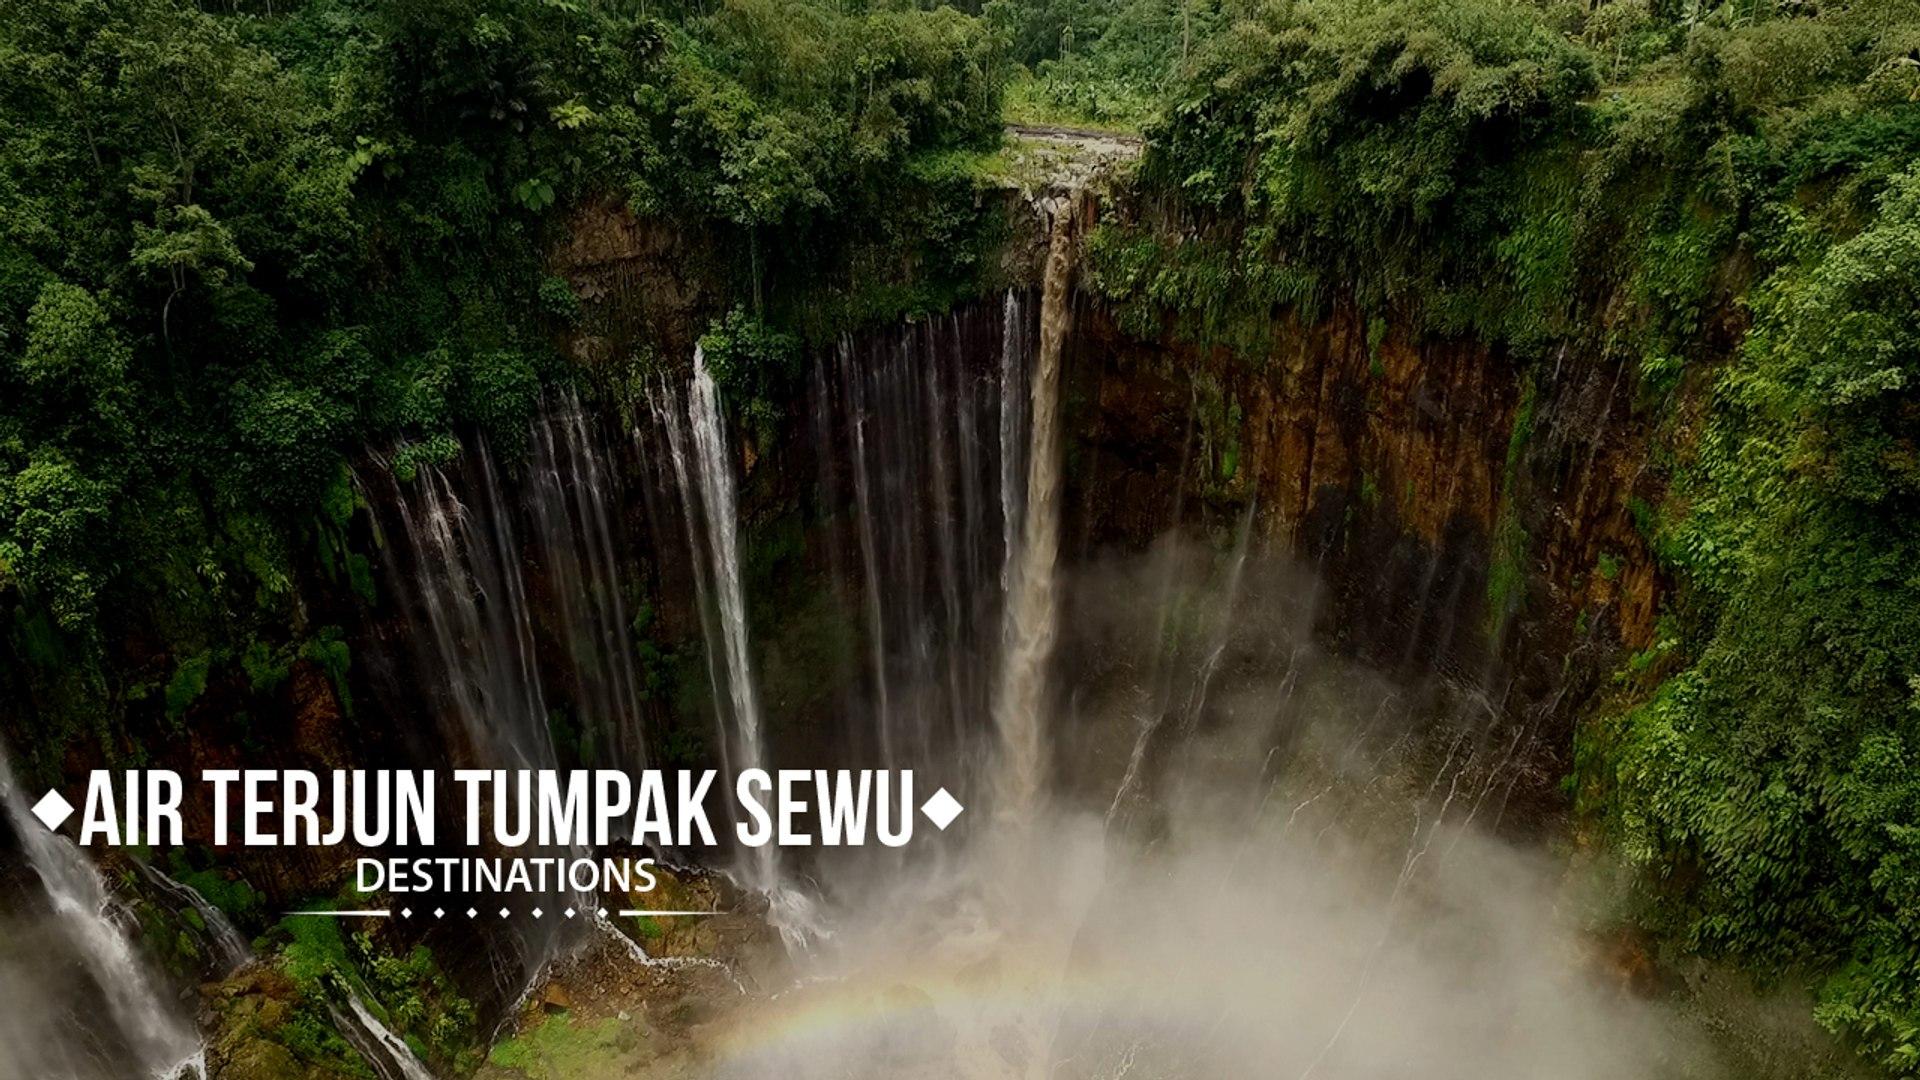 Air Terjun Tumpak Sewu Niagara Nya Indonesia Video Dailymotion